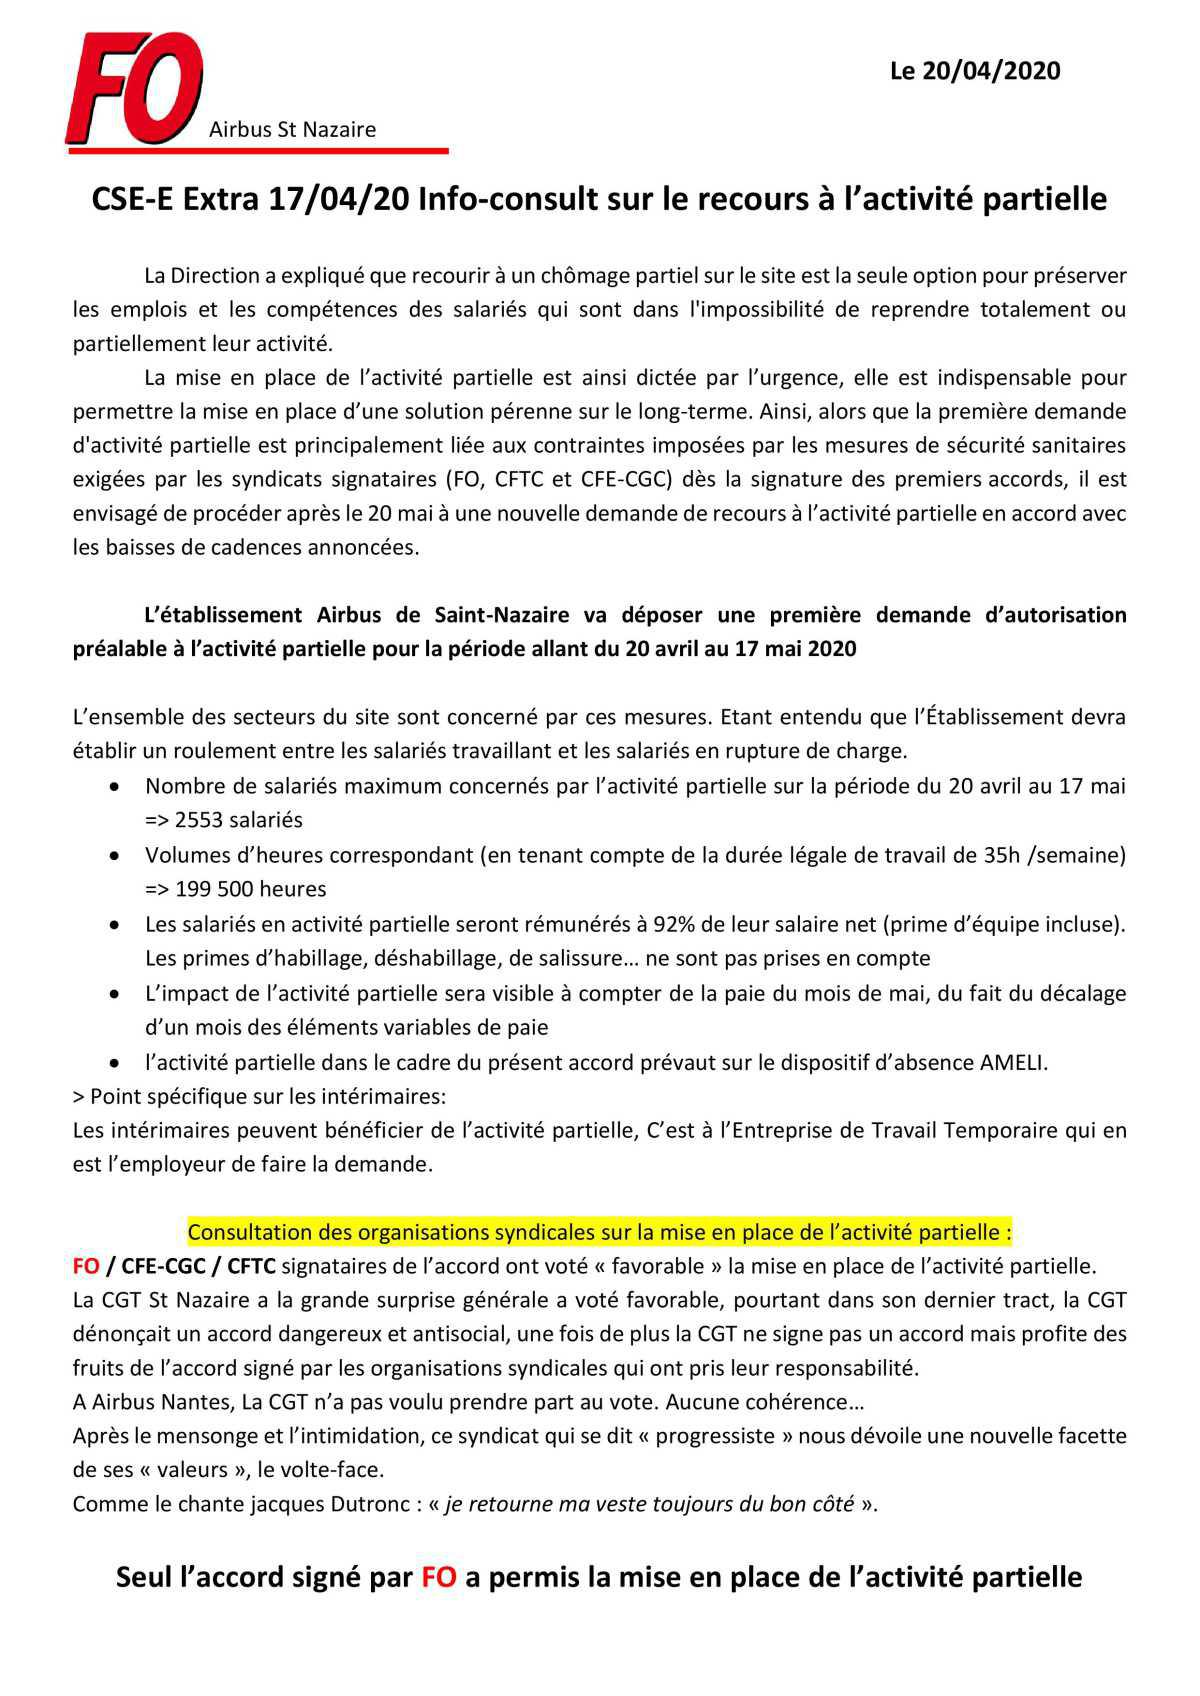 CSE-E Extra du 17/04/20 sur le recours à l'activité partielle